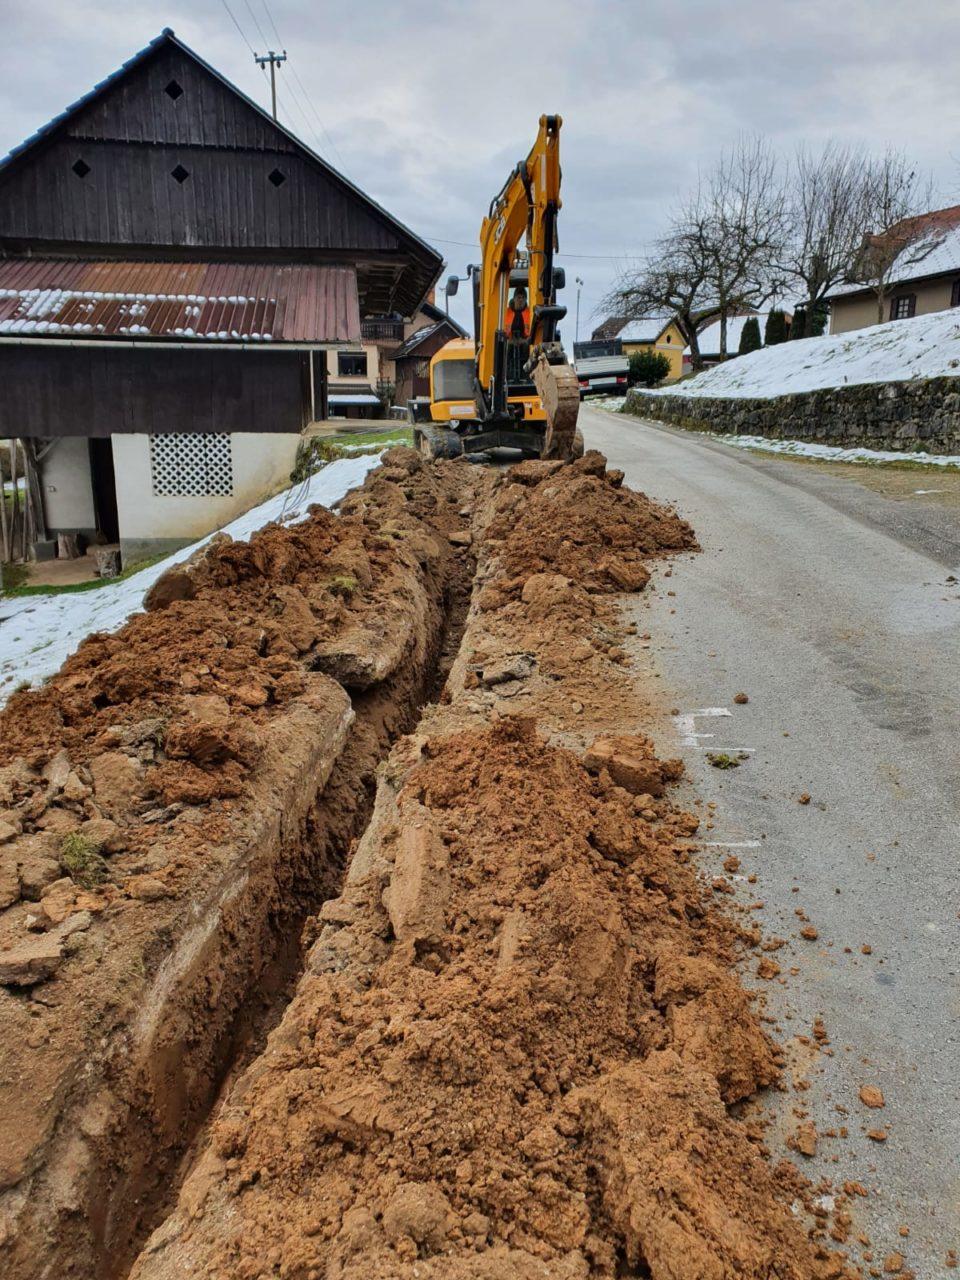 Gradnja omrežja RUNE v naselju Muljava